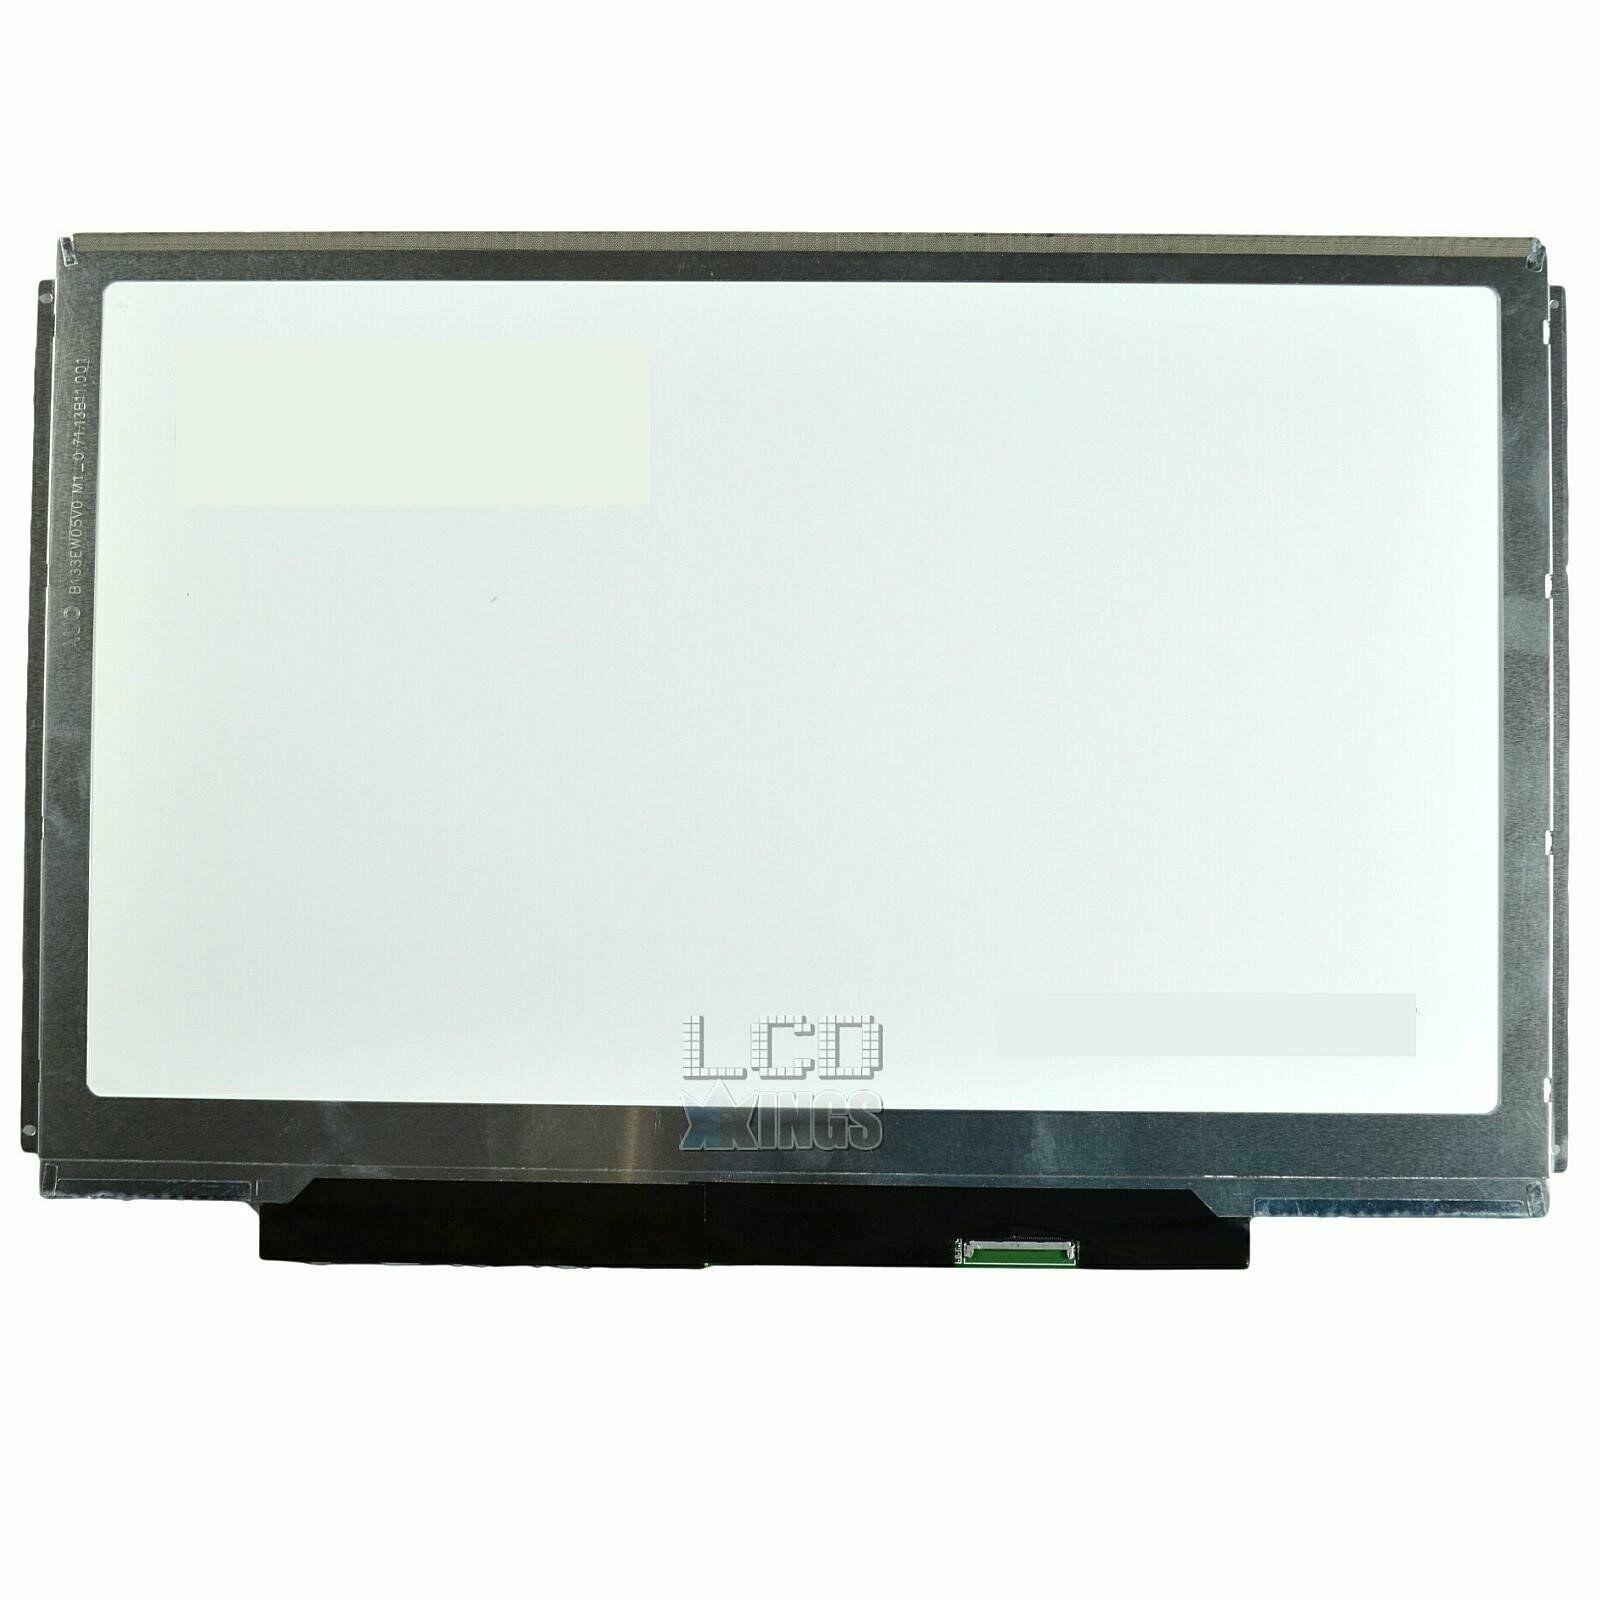 Dell FDP/N M736 13.3